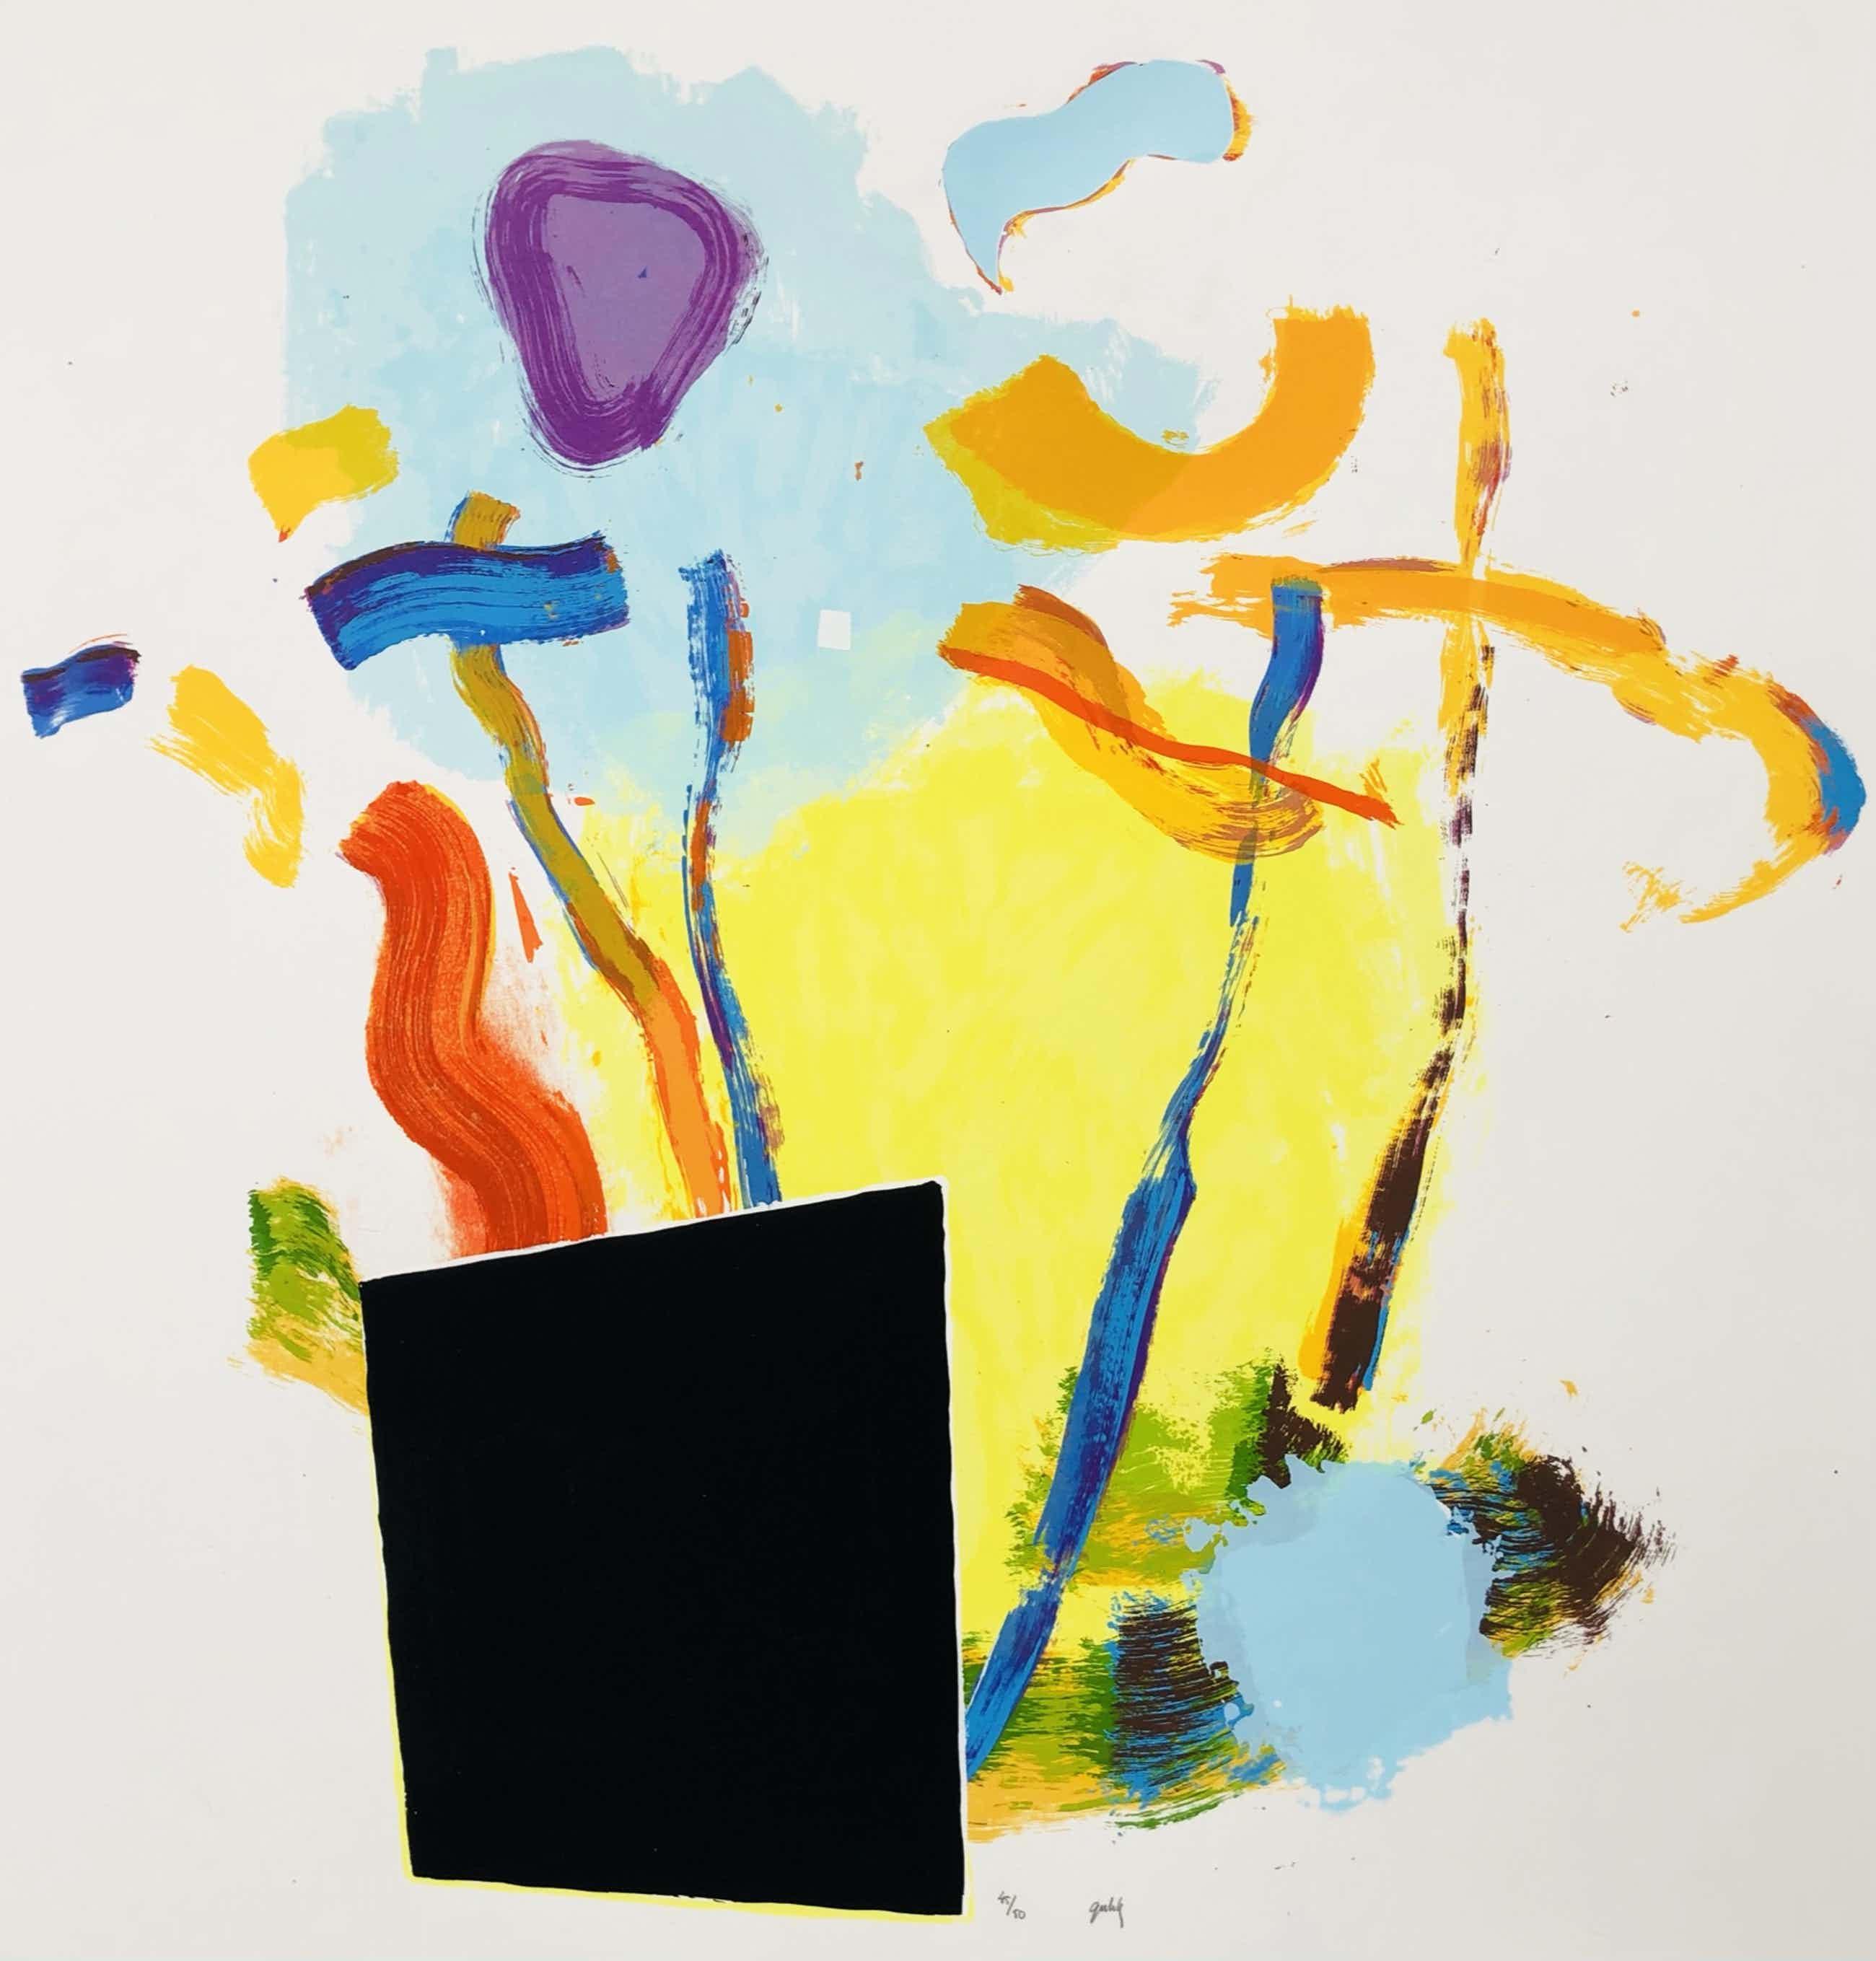 Bert van Gulik - compositie met zwart vlak kopen? Bied vanaf 65!